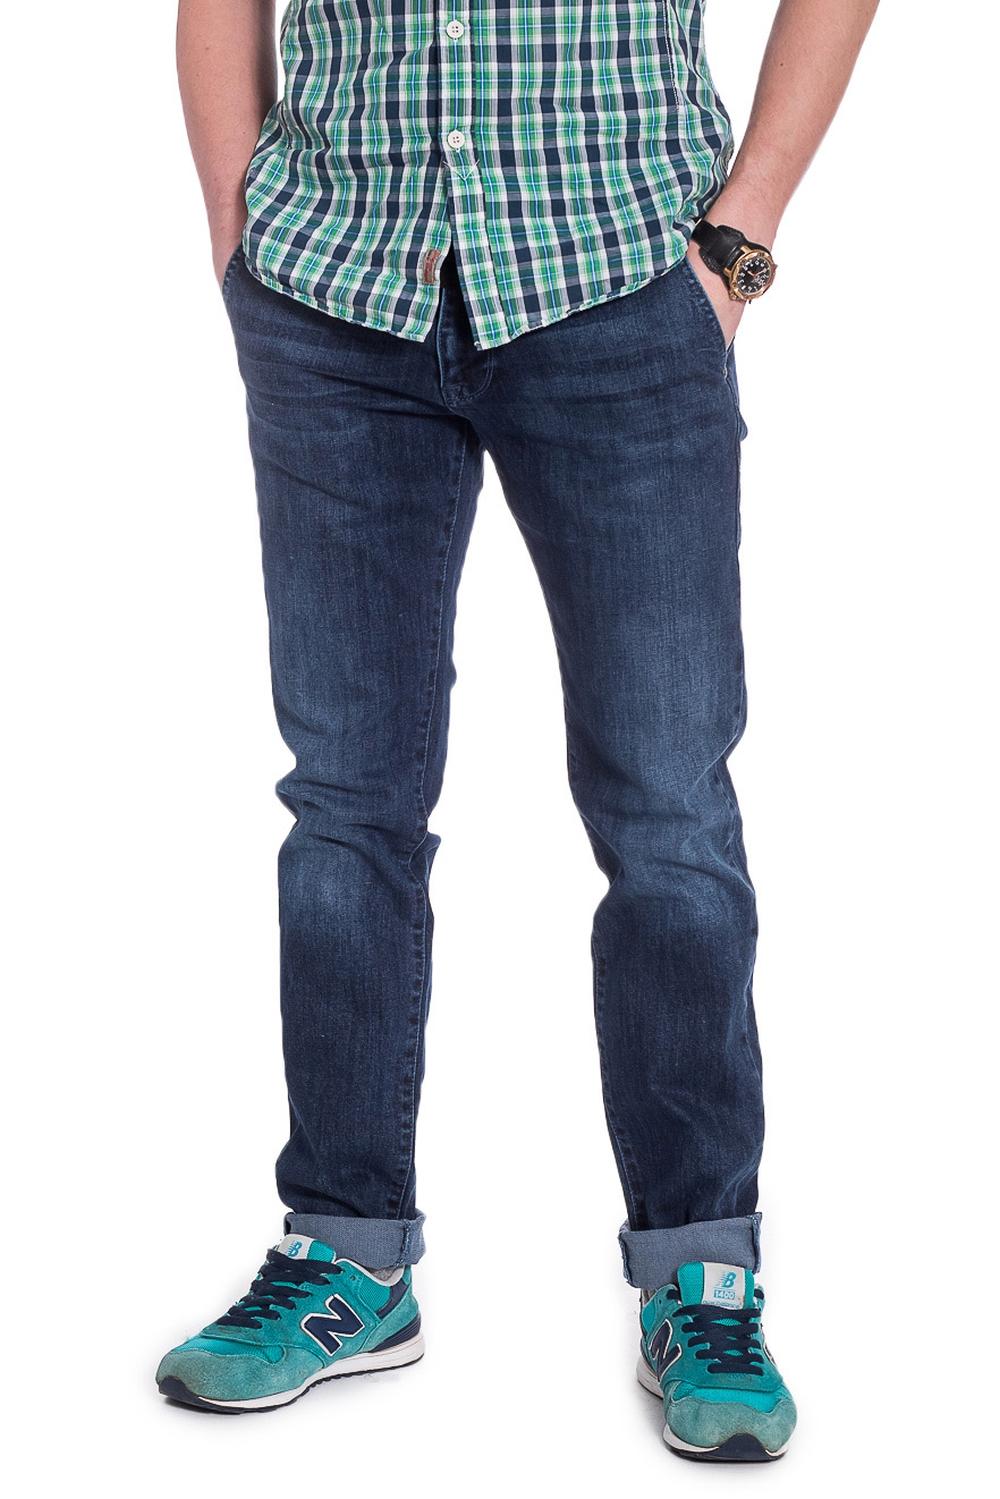 ДжинсыДжинсы<br>Классические мужские джинсы. Модель выполнена из приятной джинсовой ткани. Отличный выбор для повседневного гардероба.  В изделии использованы цвета: синий  Ростовка изделия L34, что соотвествует длине штанины по внутреннему шву 85-87 см., ростовка 178-186 см.  Размер соответствует объему (W): 24 размер - обхват талии 58-60,5 см., обхват бедер 89-91,5 см. 25 размер - обхват талии 60,5-63 см., обхват бедер 91,5-94 см. 26 размер - обхват талии 63-65,5 см., обхват бедер 94-96,5 см. 27 размер - обхват талии 65,5-68 см., обхват бедер 96,5-99 см. 28 размер - обхват талии 68-70,5 см., обхват бедер 99-101,5 см. 29 размер - обхват талии 70,5-73 см., обхват бедер 101,5-104 см. 30 размер - обхват талии 73-75,5 см., обхват бедер 104-106,5 см. 31 размер - обхват талии 75,5-78 см., обхват бедер 106,5-110 см. 32 размер - обхват талии 78-80,5 см., обхват бедер 110-113,5 см. 33 размер - обхват талии 80,5-83 см., обхват бедер 113,5-118 см. 34 размер - обхват талии 83-85,5 см., обхват бедер 118-123 см. 35 размер - обхват талии 85,5-88 см., обхват бедер 123-128 см.  Рост мужчины-фотомодели 176 см<br><br>По сезону: Всесезон<br>Размер : 30,34,36<br>Материал: Джинс<br>Количество в наличии: 4